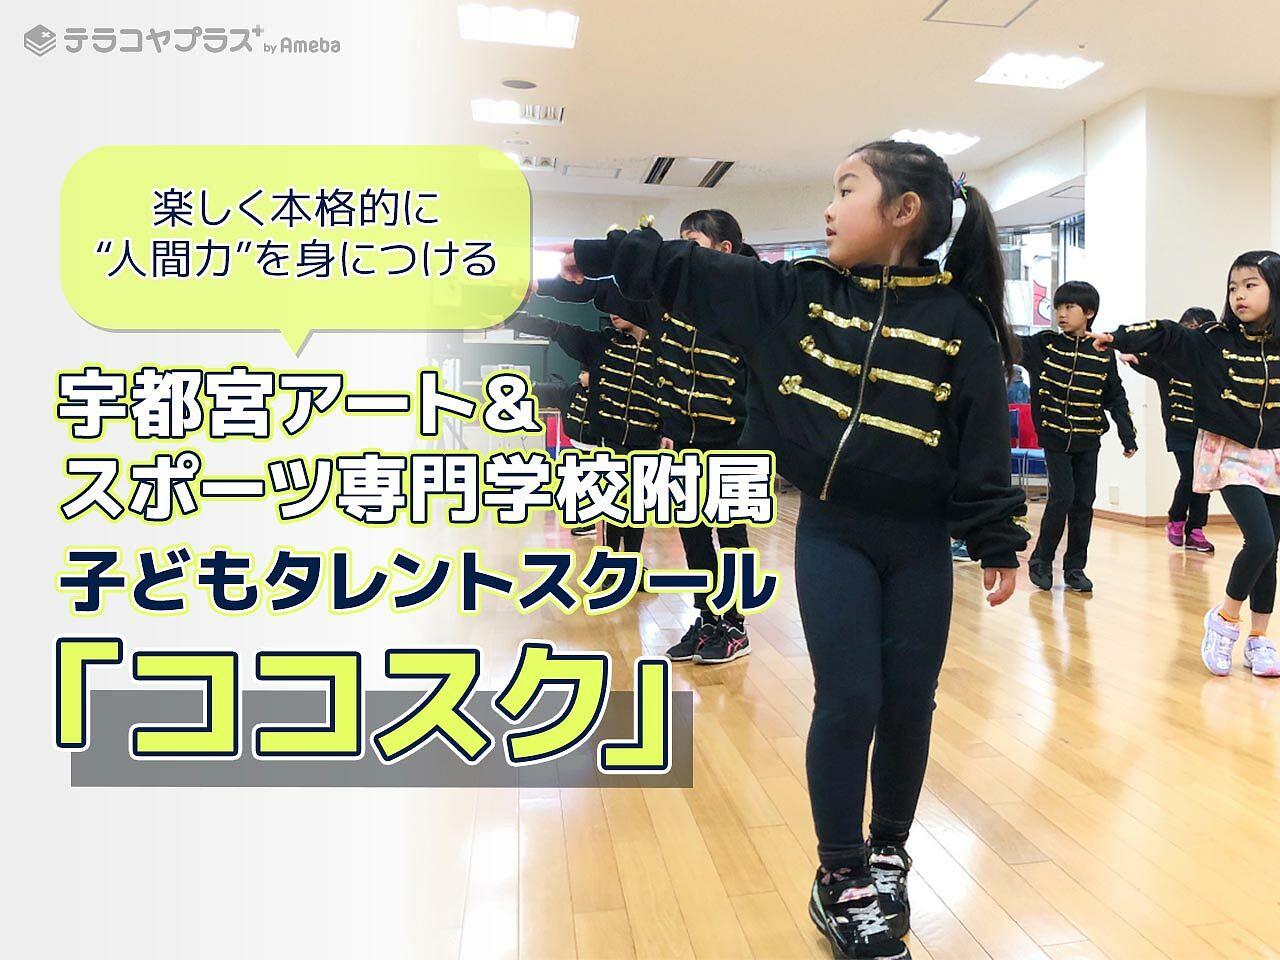 宇都宮アート&スポーツ専門学校が手掛ける子どもタレントスクール「ココスク」を徹底解剖!の画像